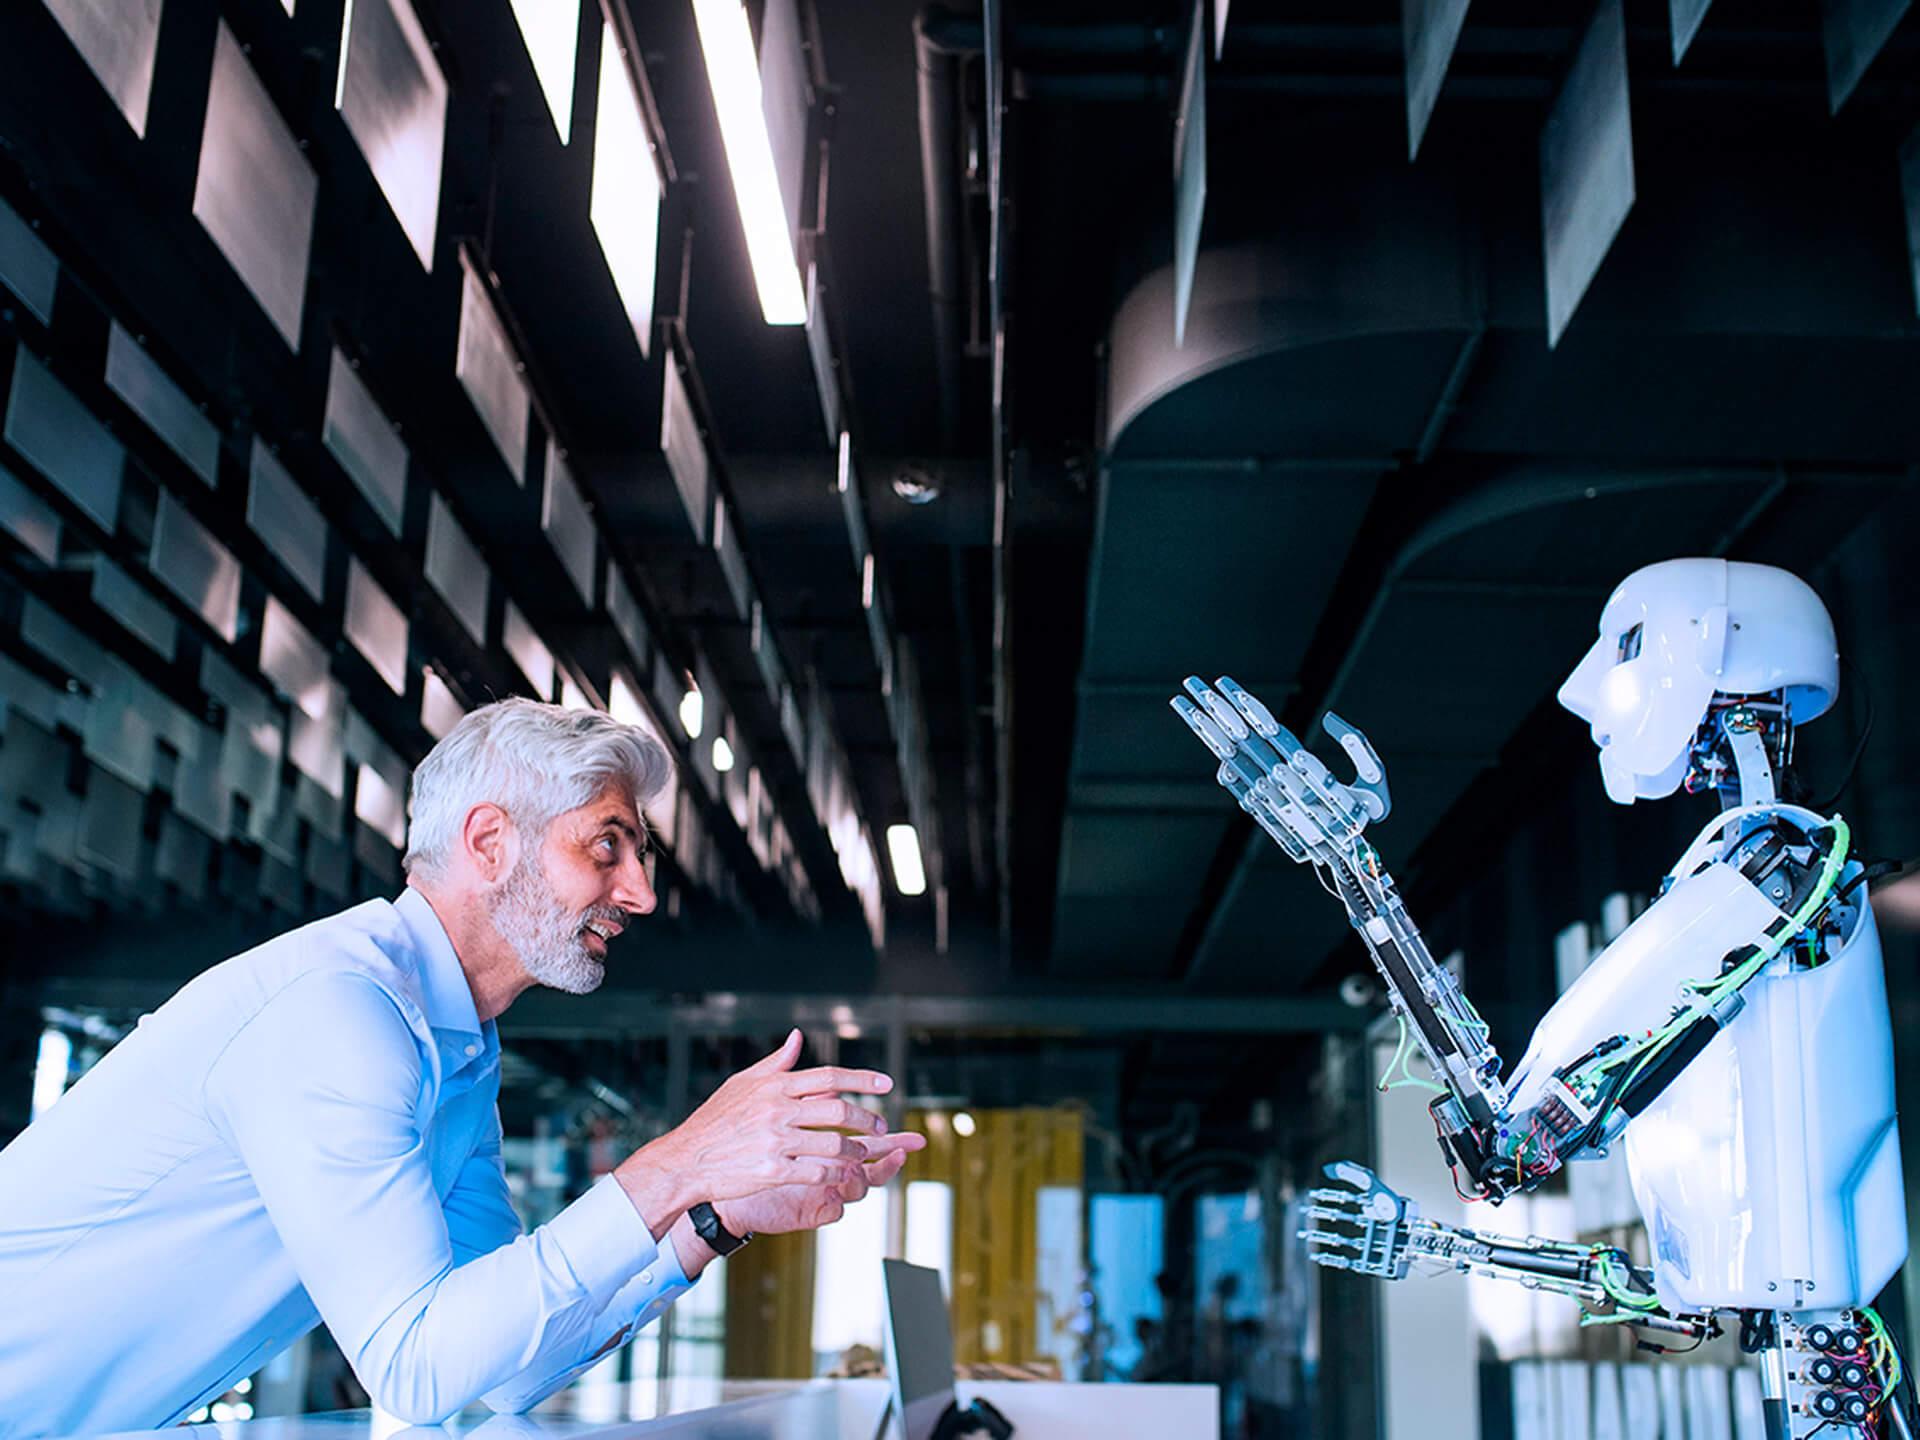 Inteligencia artificial en el trabajo